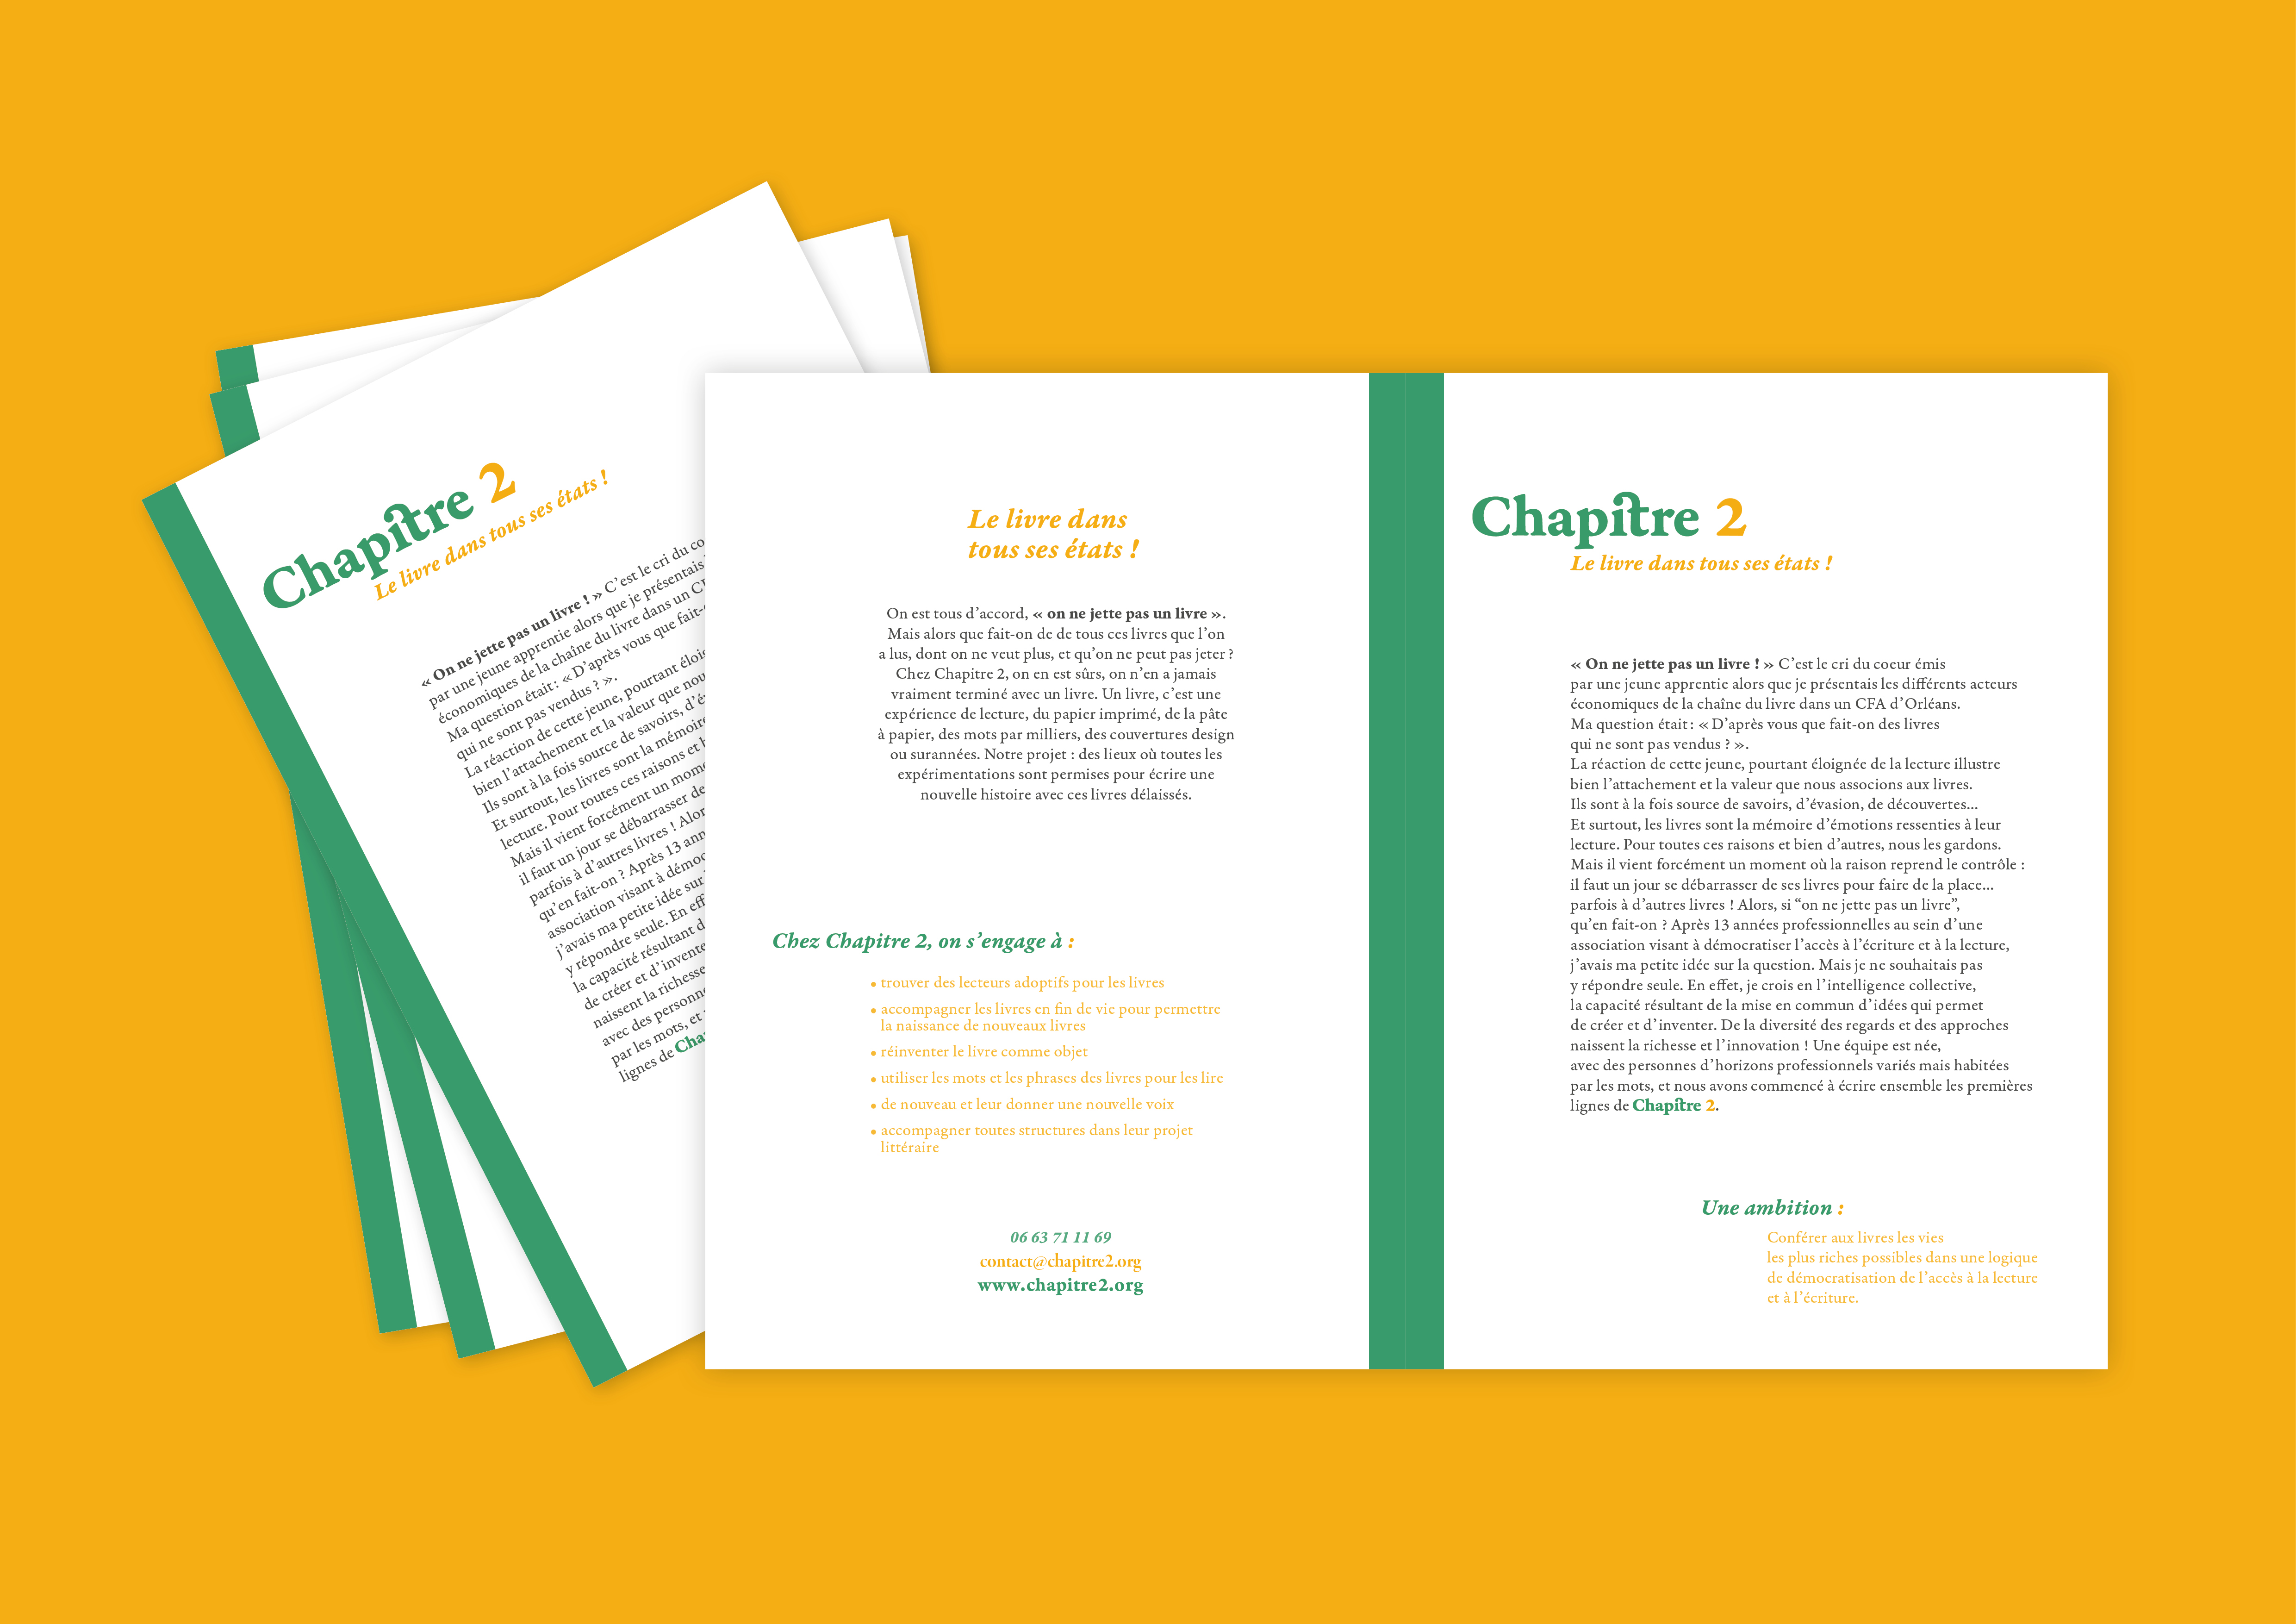 mise en page de document pour l'association chapitre 2